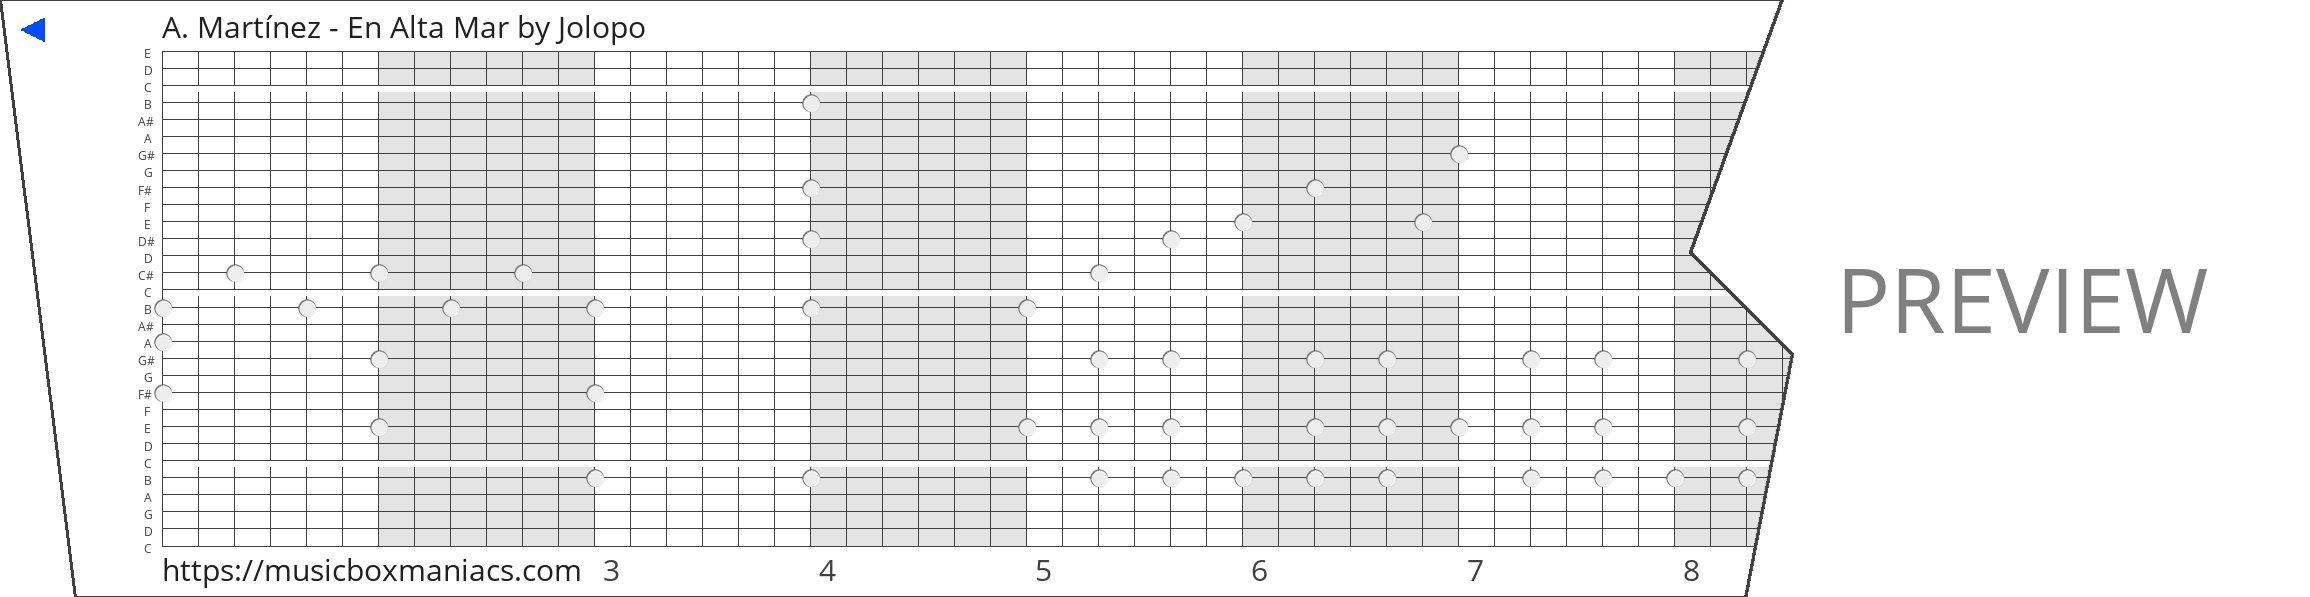 A. Martínez - En Alta Mar 30 note music box paper strip